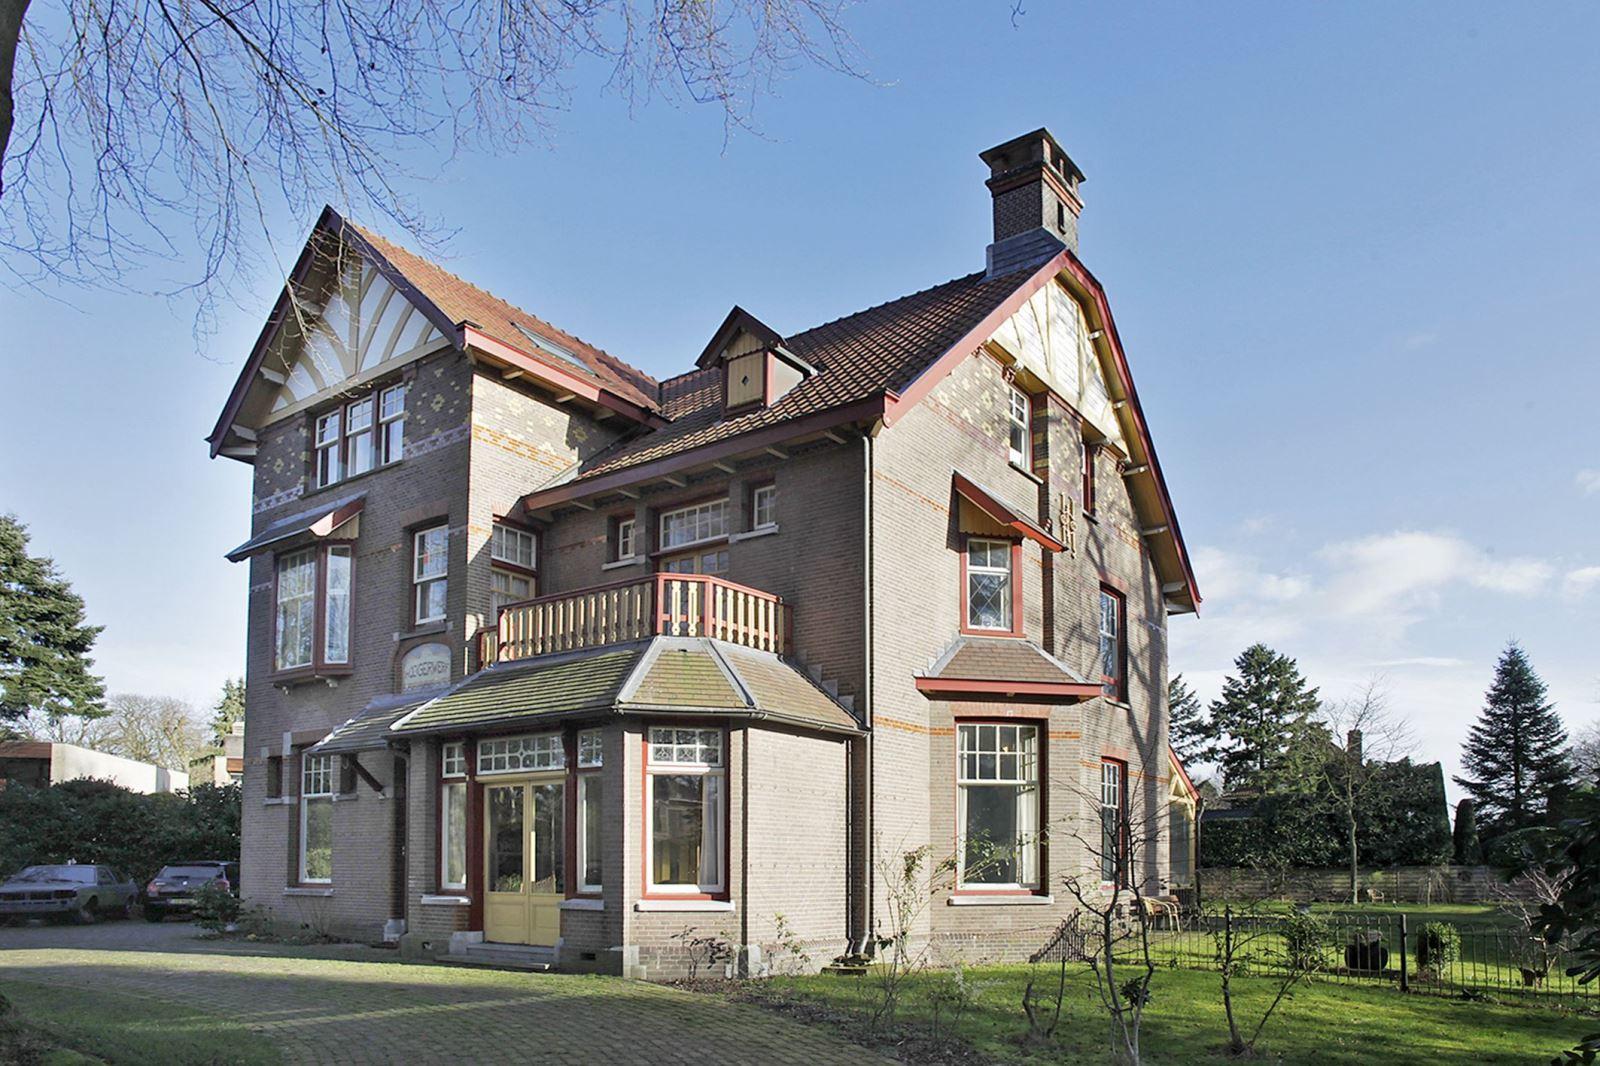 Vrijstaande villa (1905), Wilhelminalaan 5 BAARN